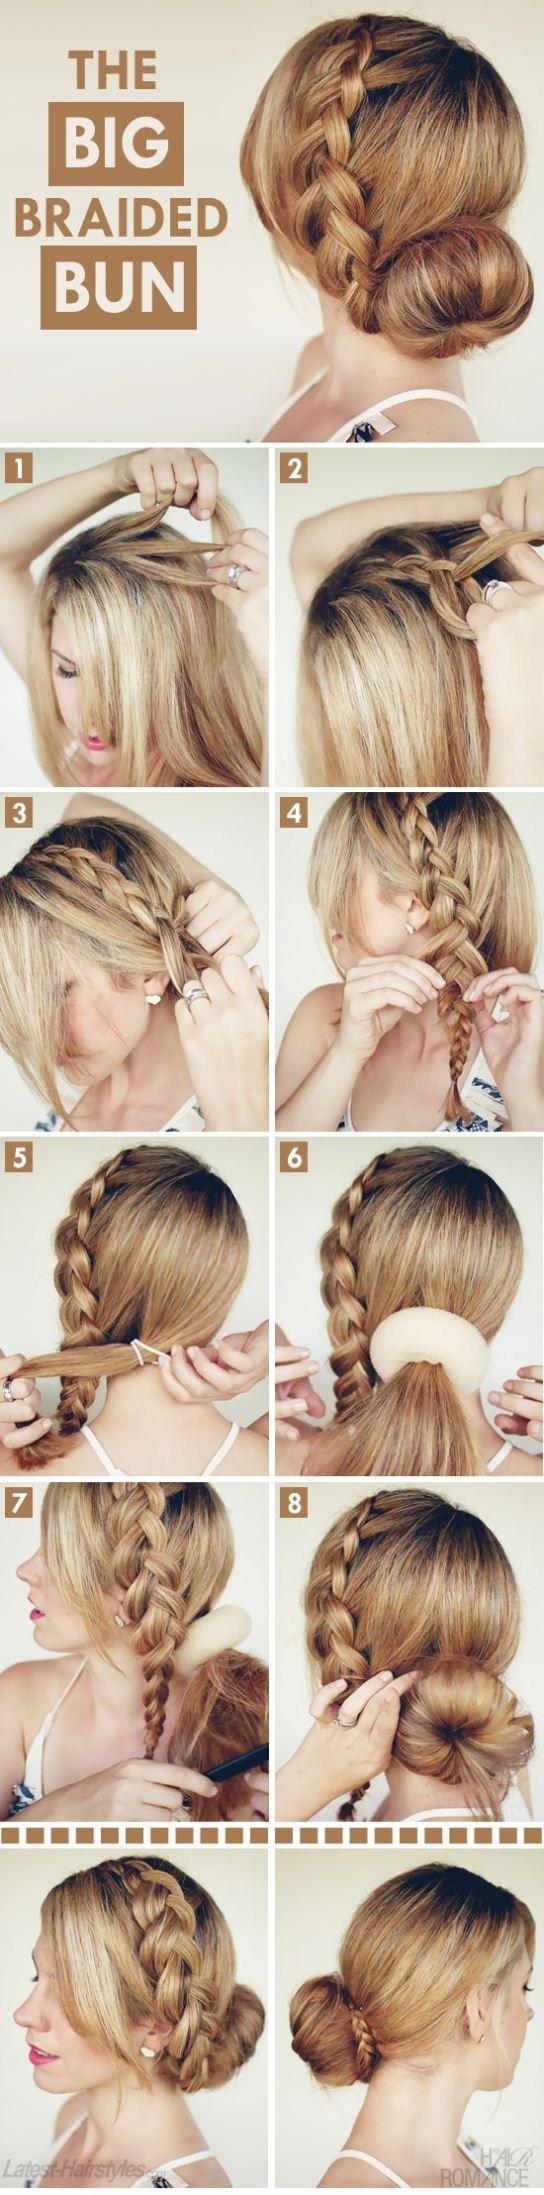 hair tutorials for buns homecoming pinterest hair hair